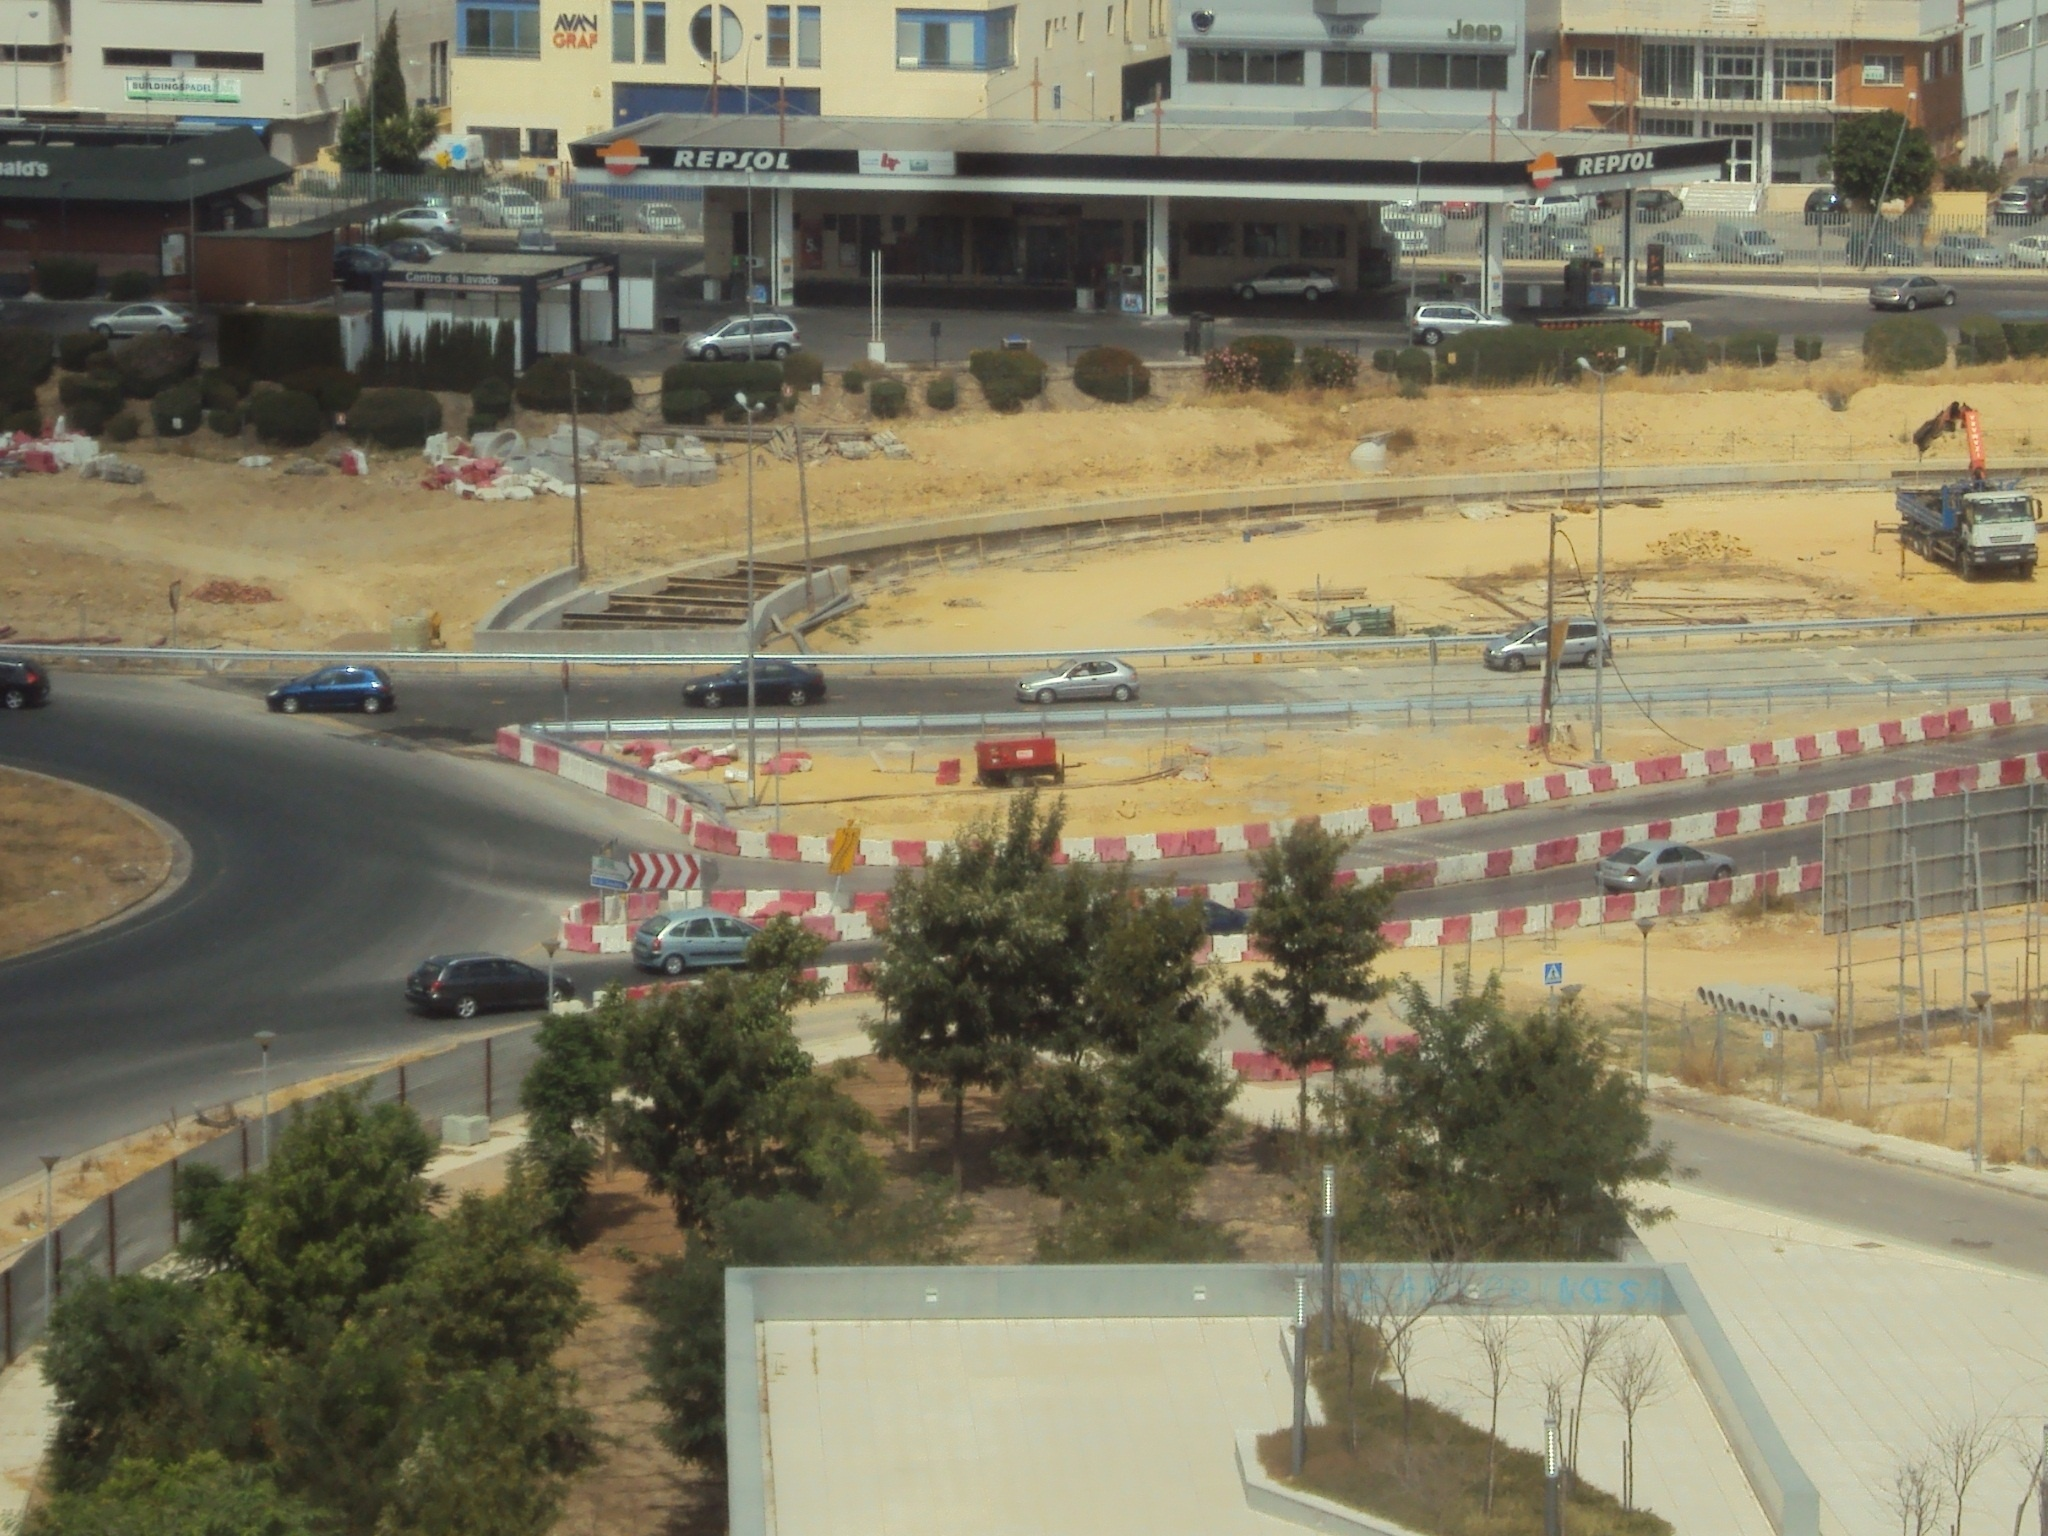 La Junta restituye el tráfico en los accesos al Polígono Industrial Pisa y Ciudad Expo en Mairena del Aljarafe